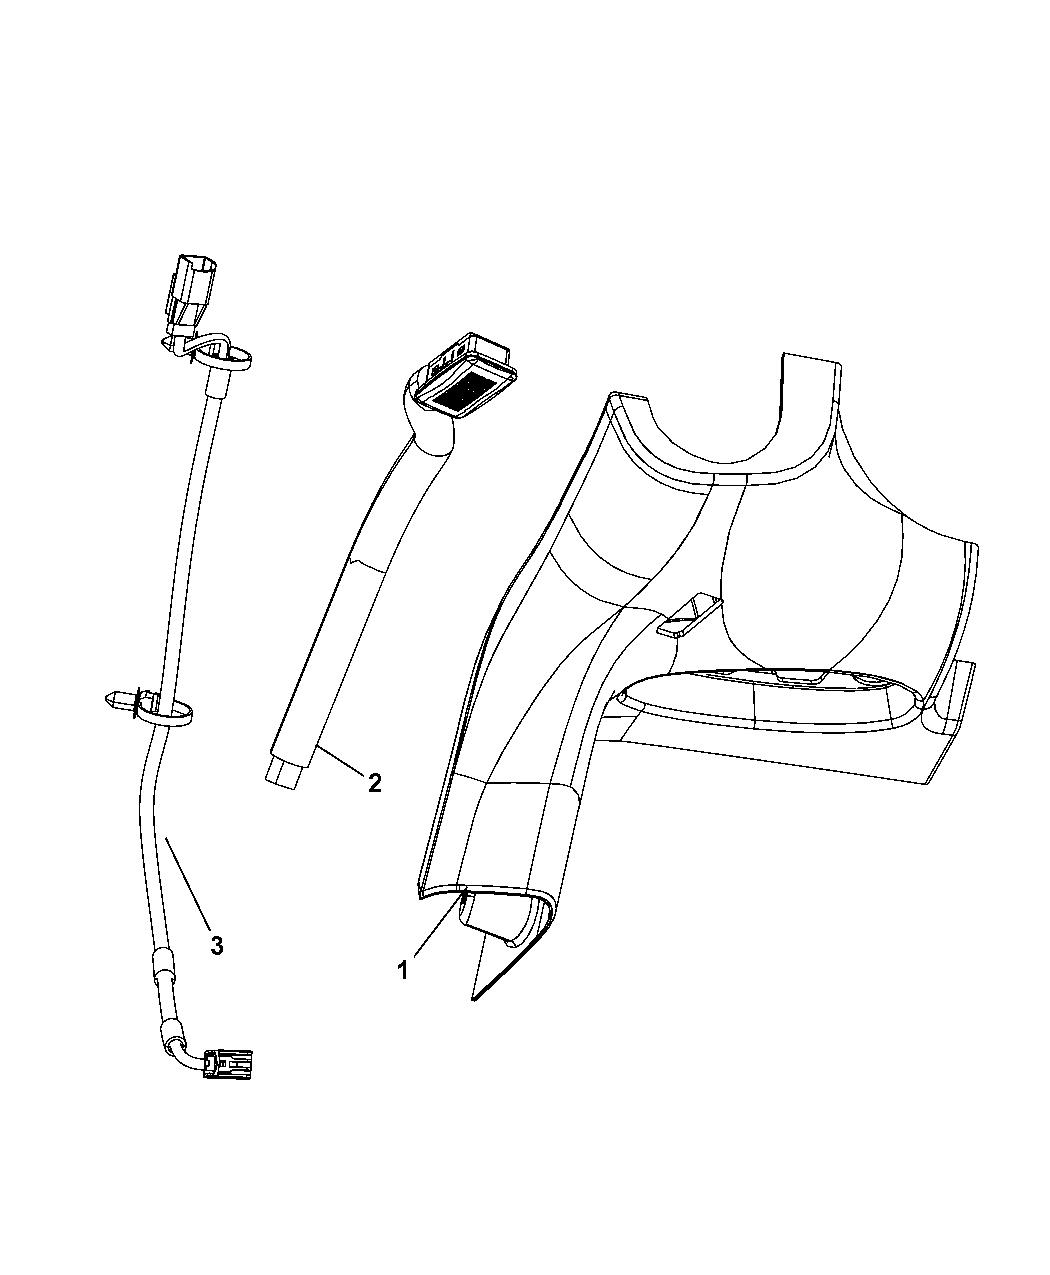 68057321AA - Genuine Mopar WIRING-JUMPER